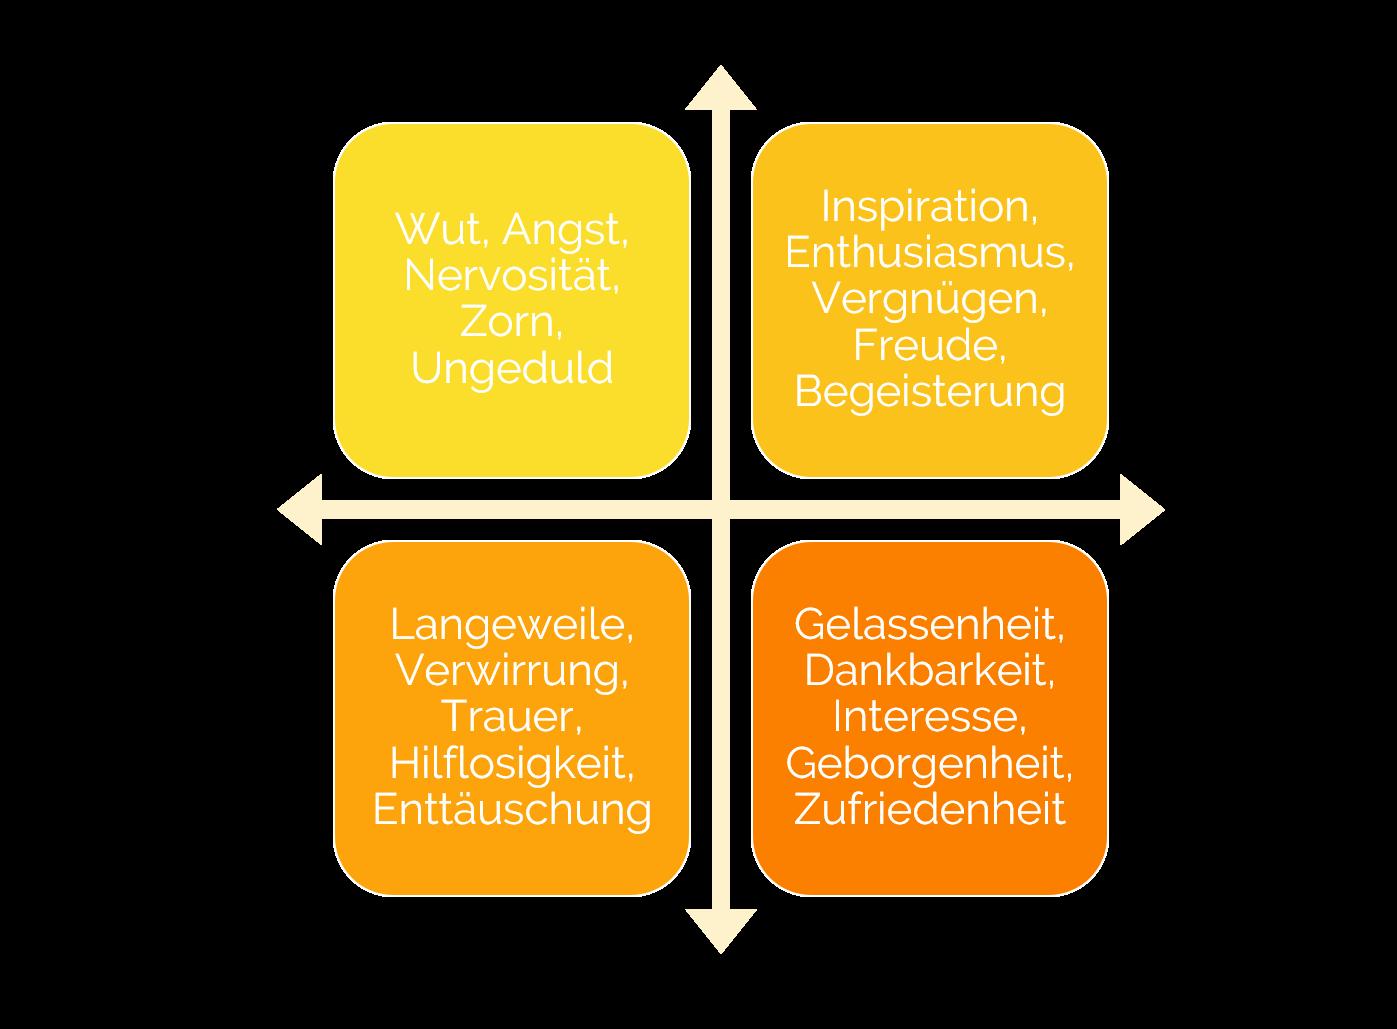 Valenz-Erregungs-Modell